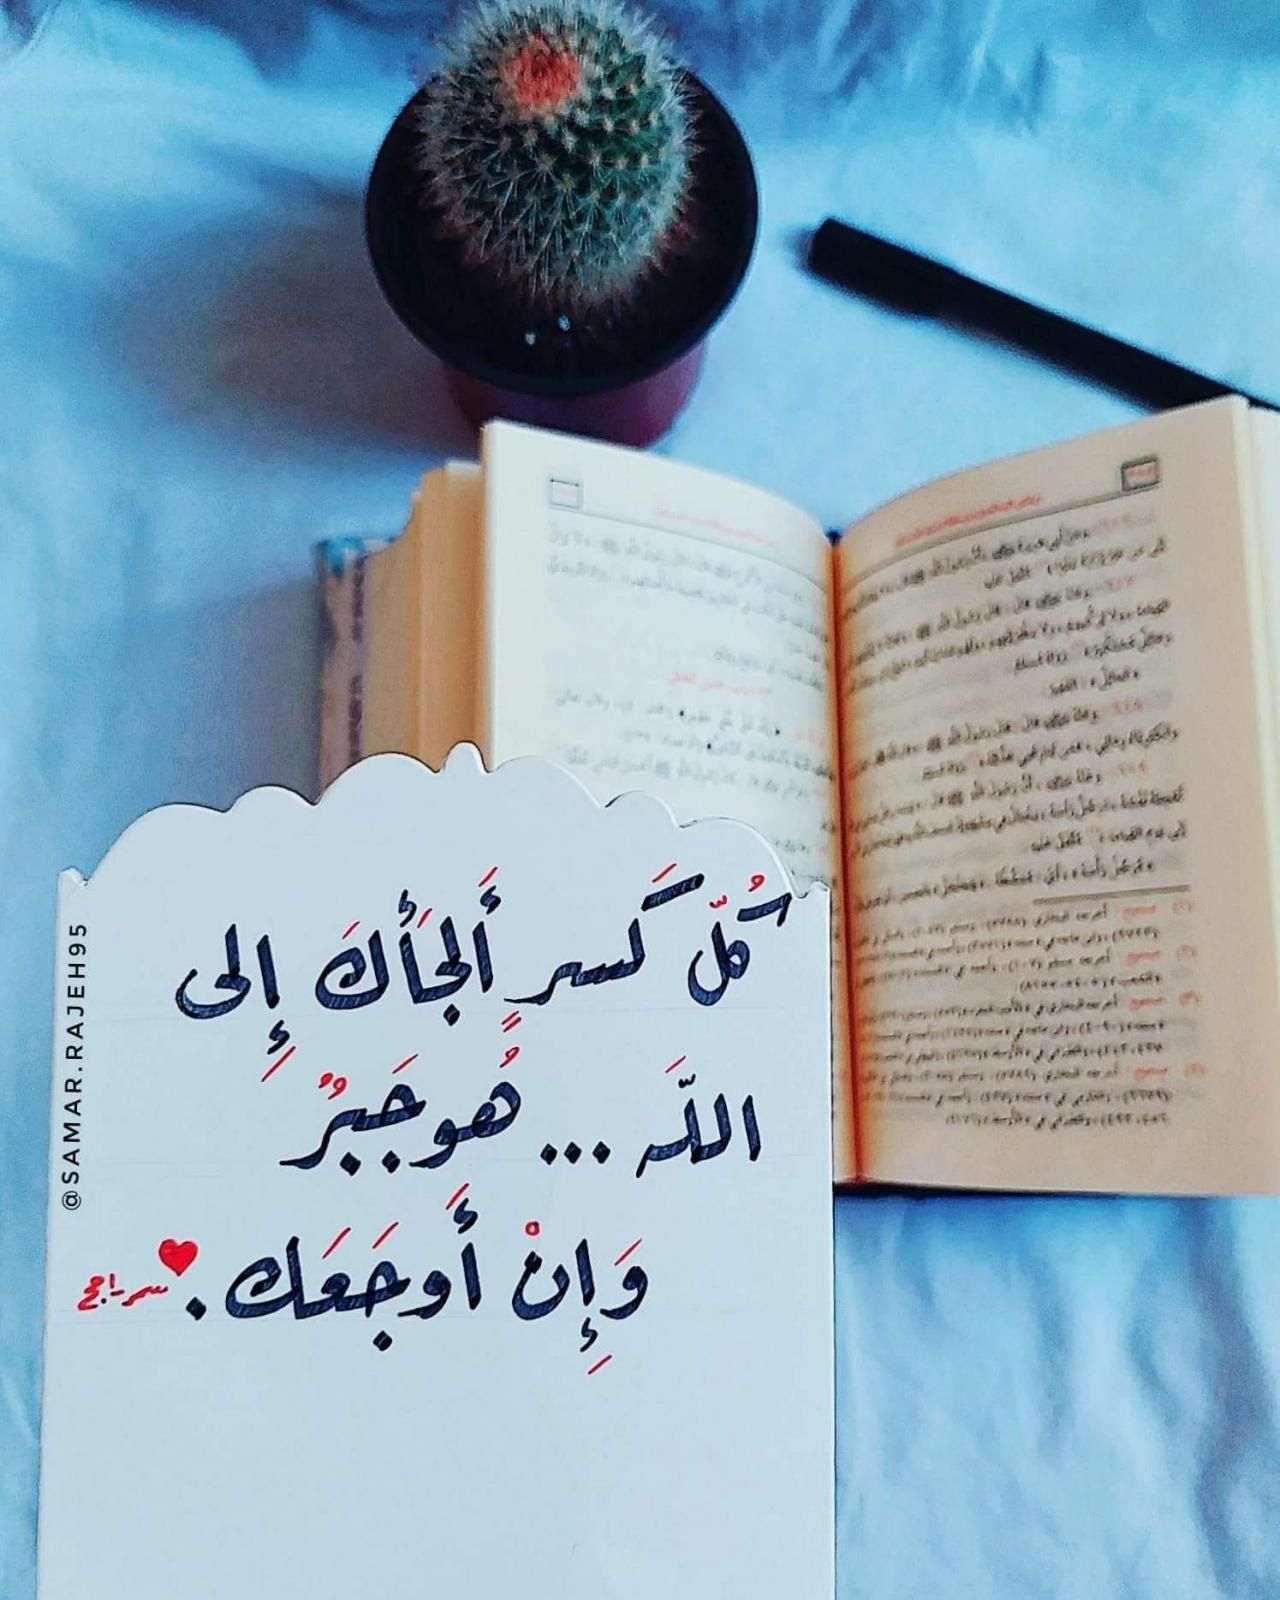 بالصور اجمل كلام حب , كلمات رائعه في حب الله 2513 7